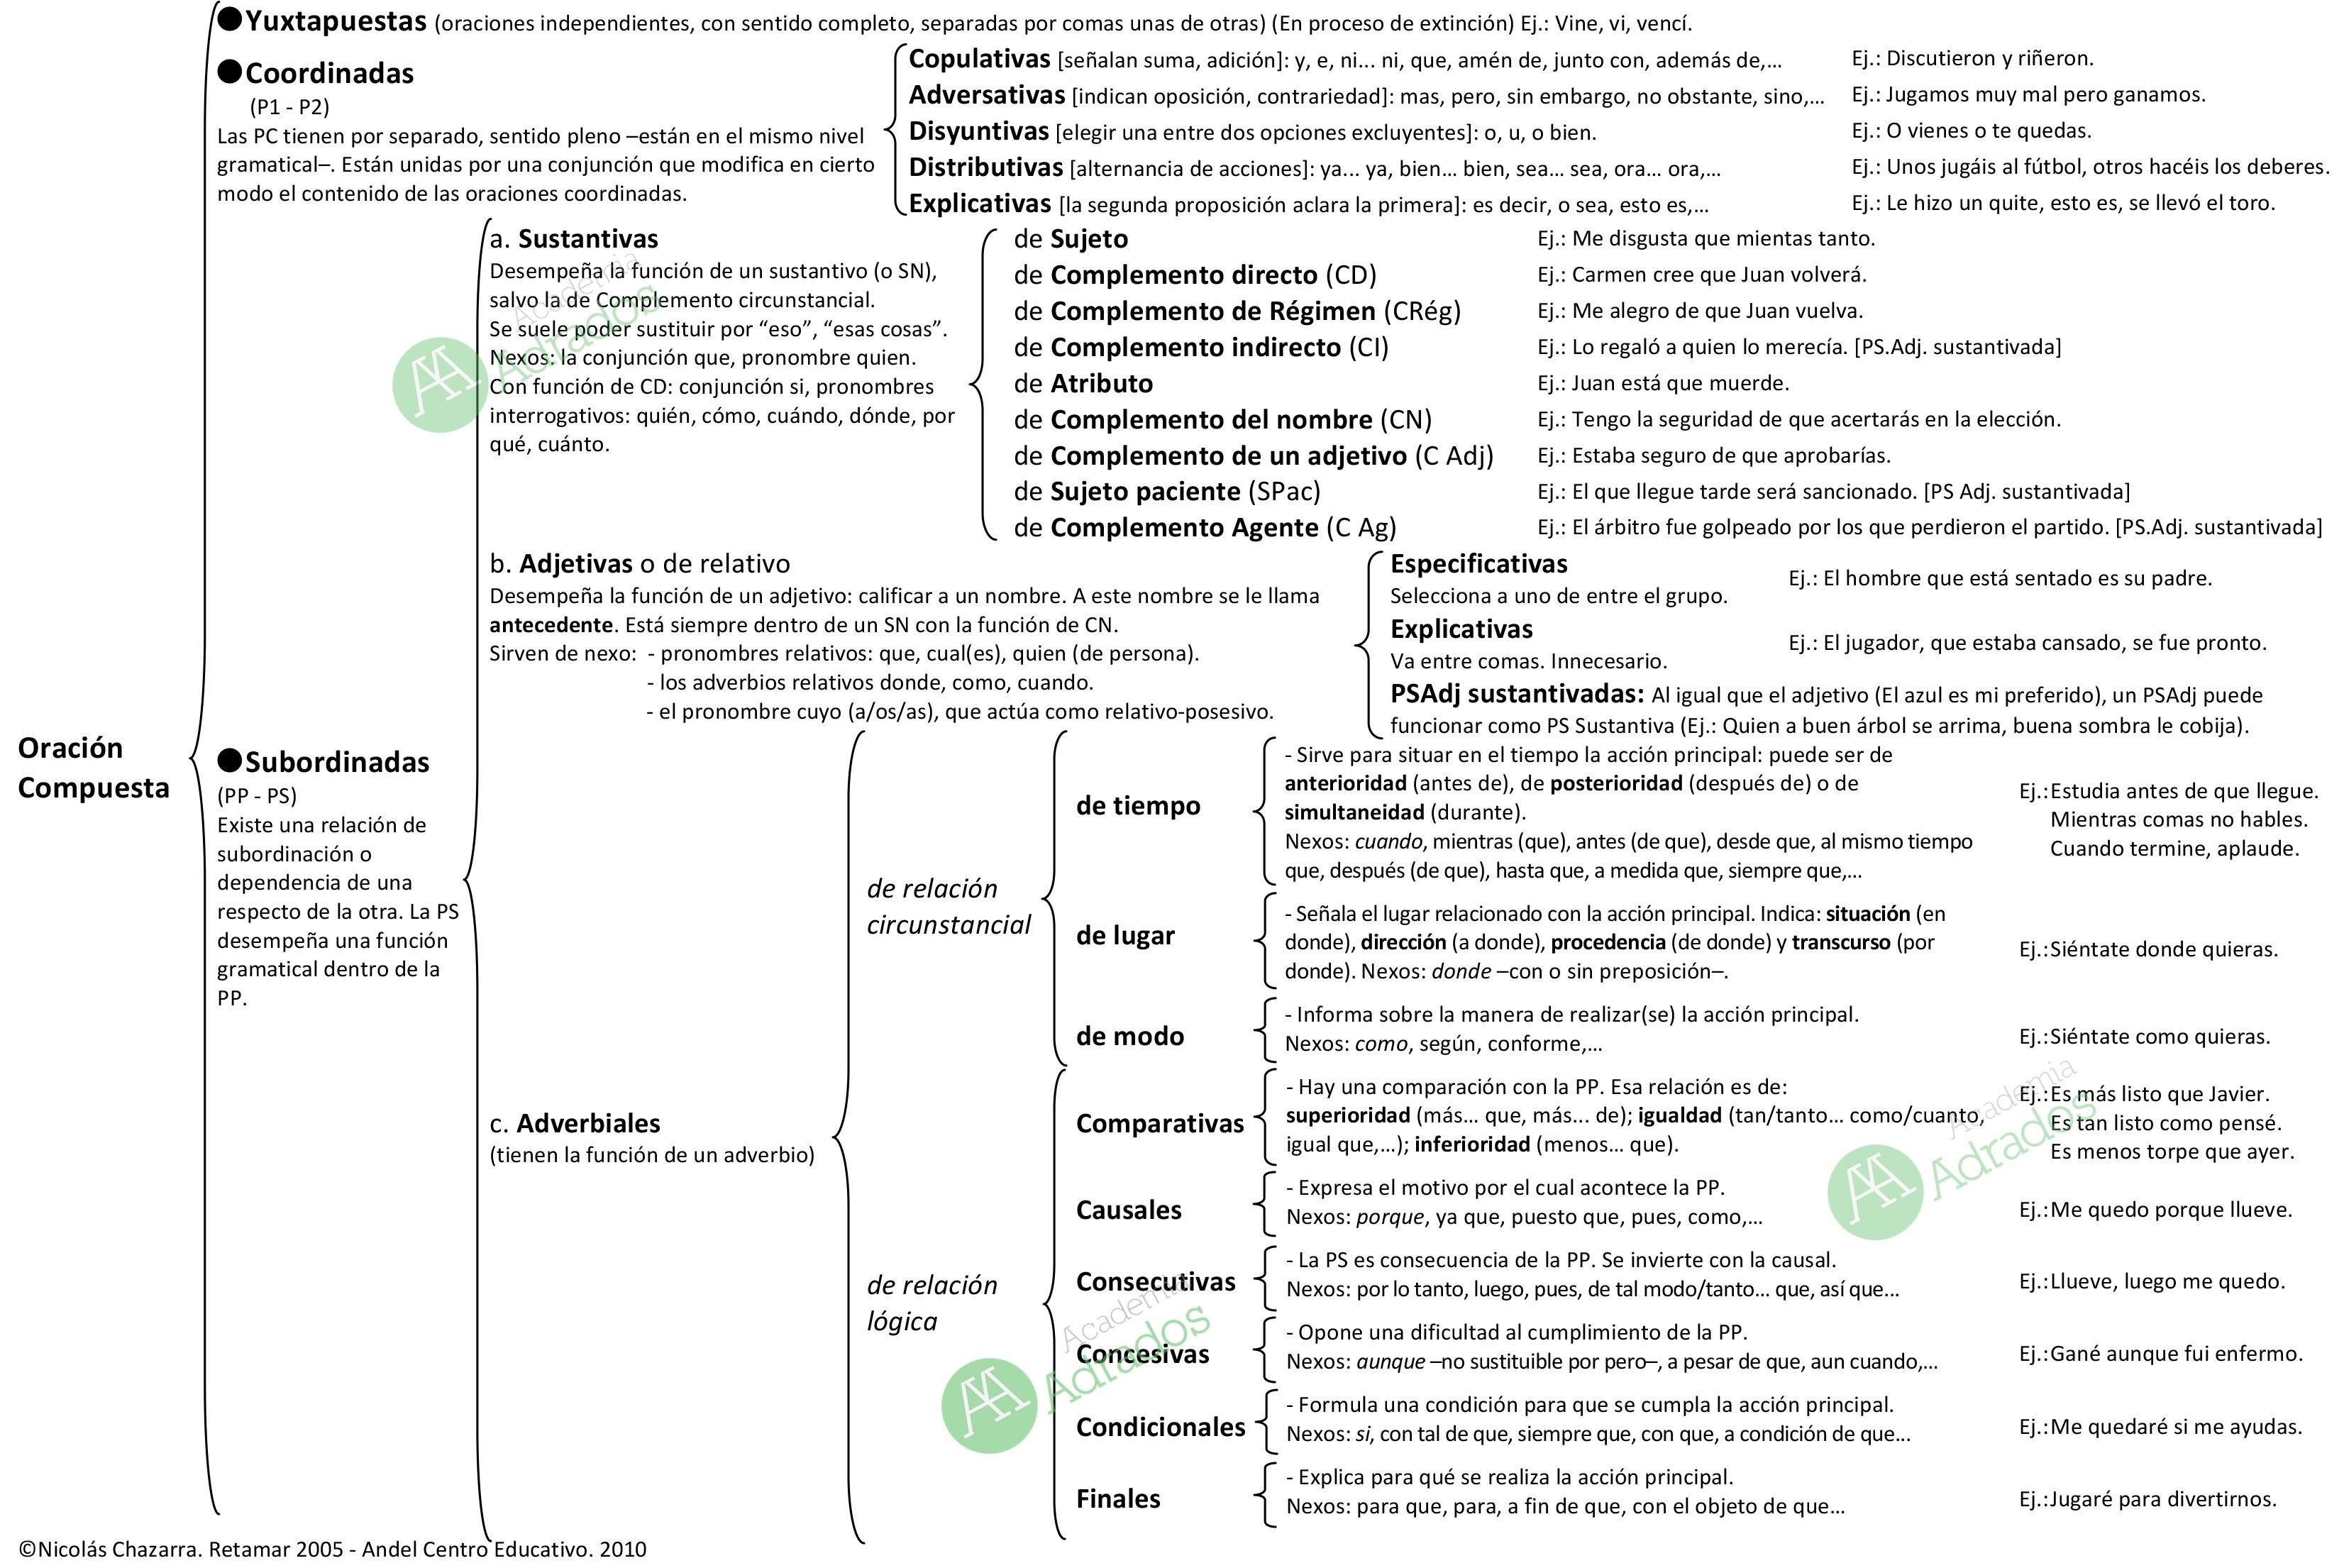 Microsoft Word - Oraciones compuestas (esq).doc